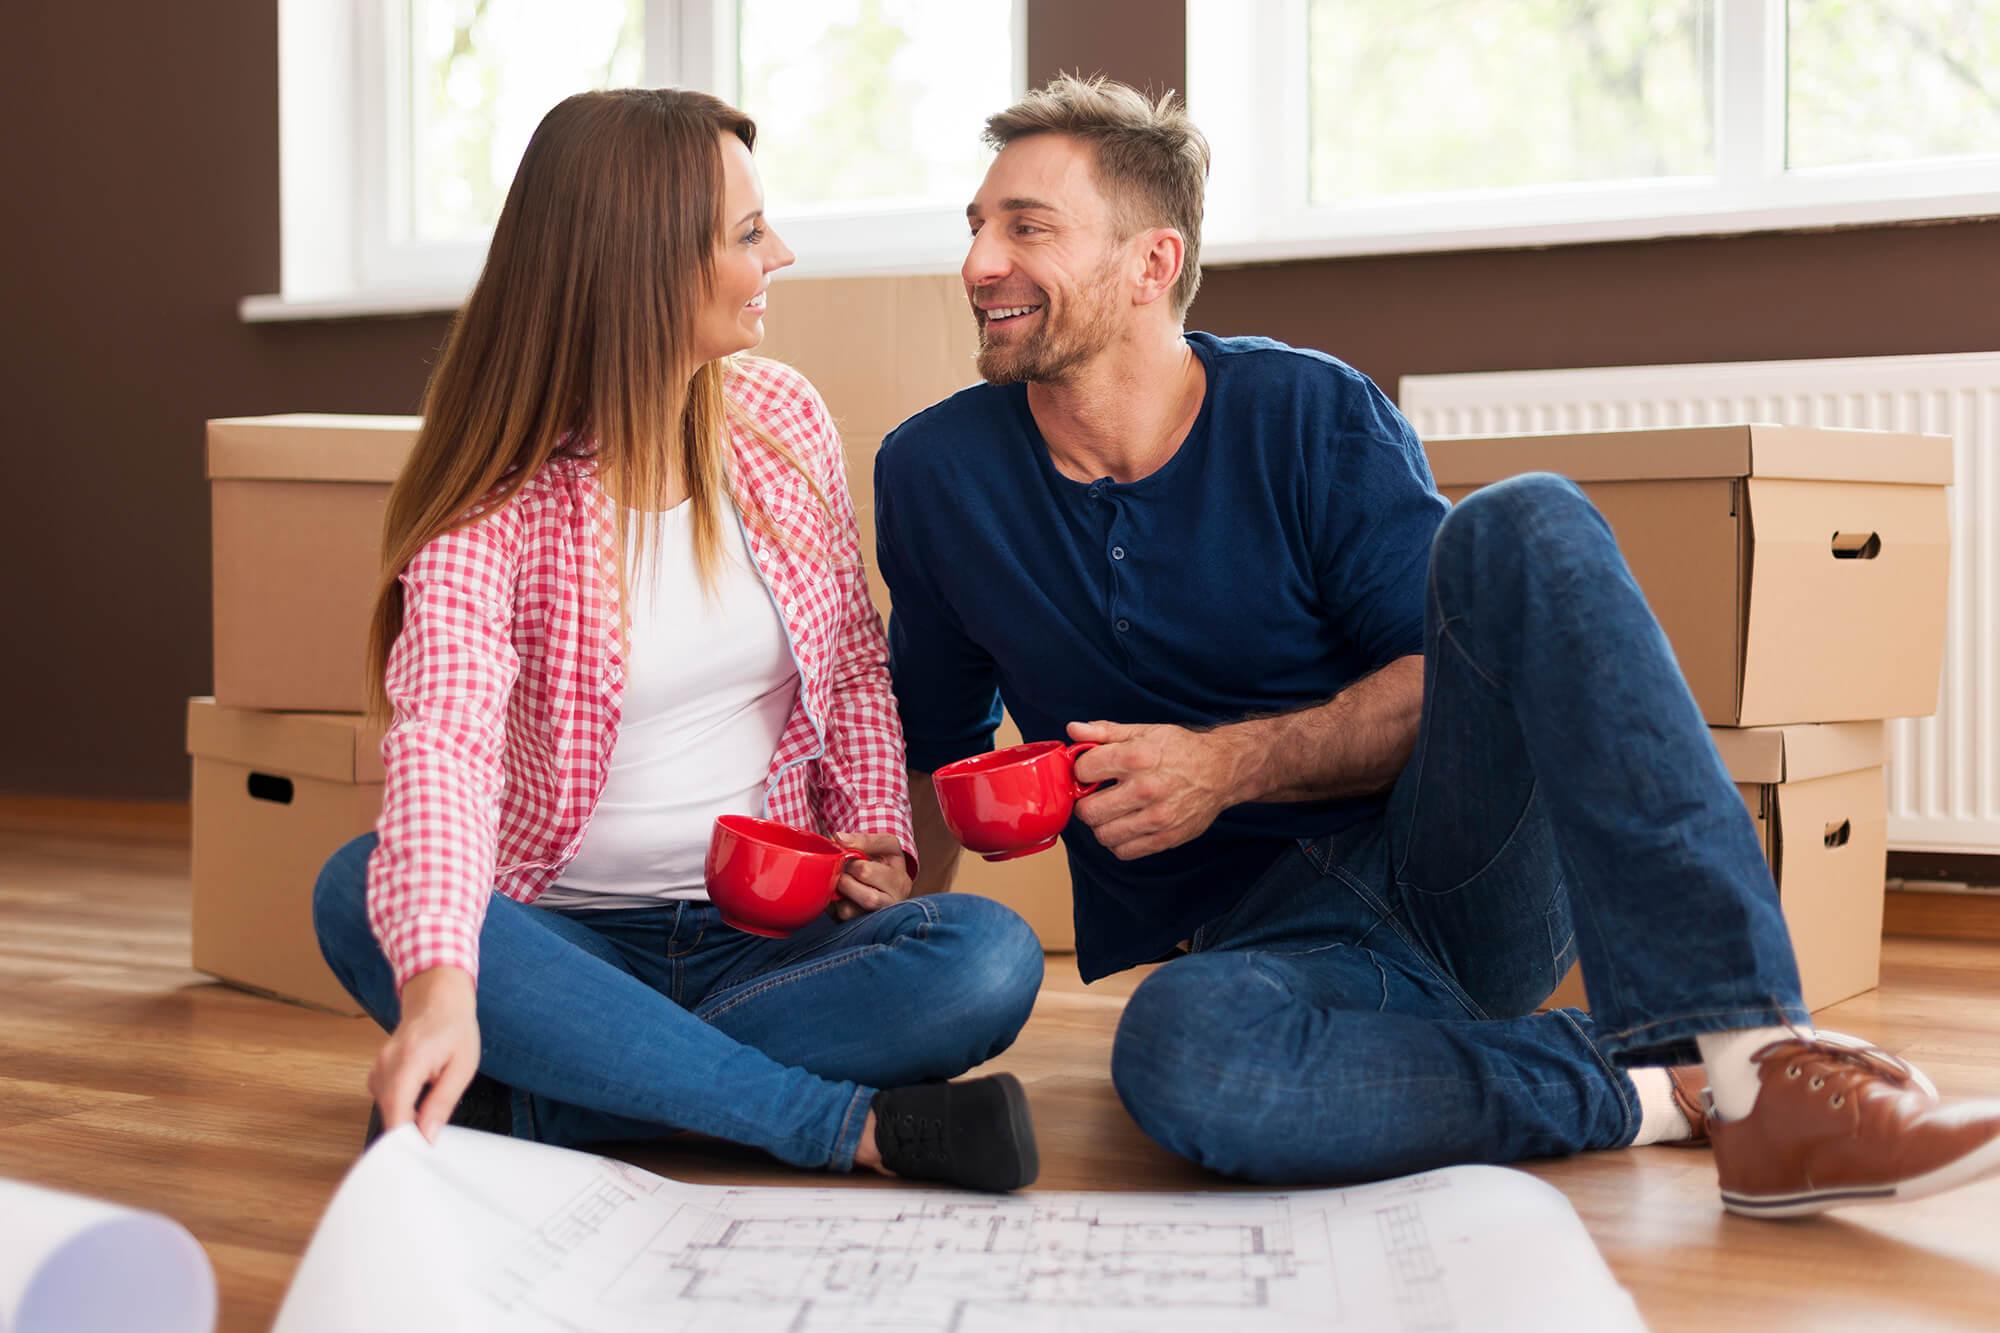 Glückliches Paar sitzt entspannt auf dem Holzboden. Hinter ihnen sind Umzugskartons zu sehen